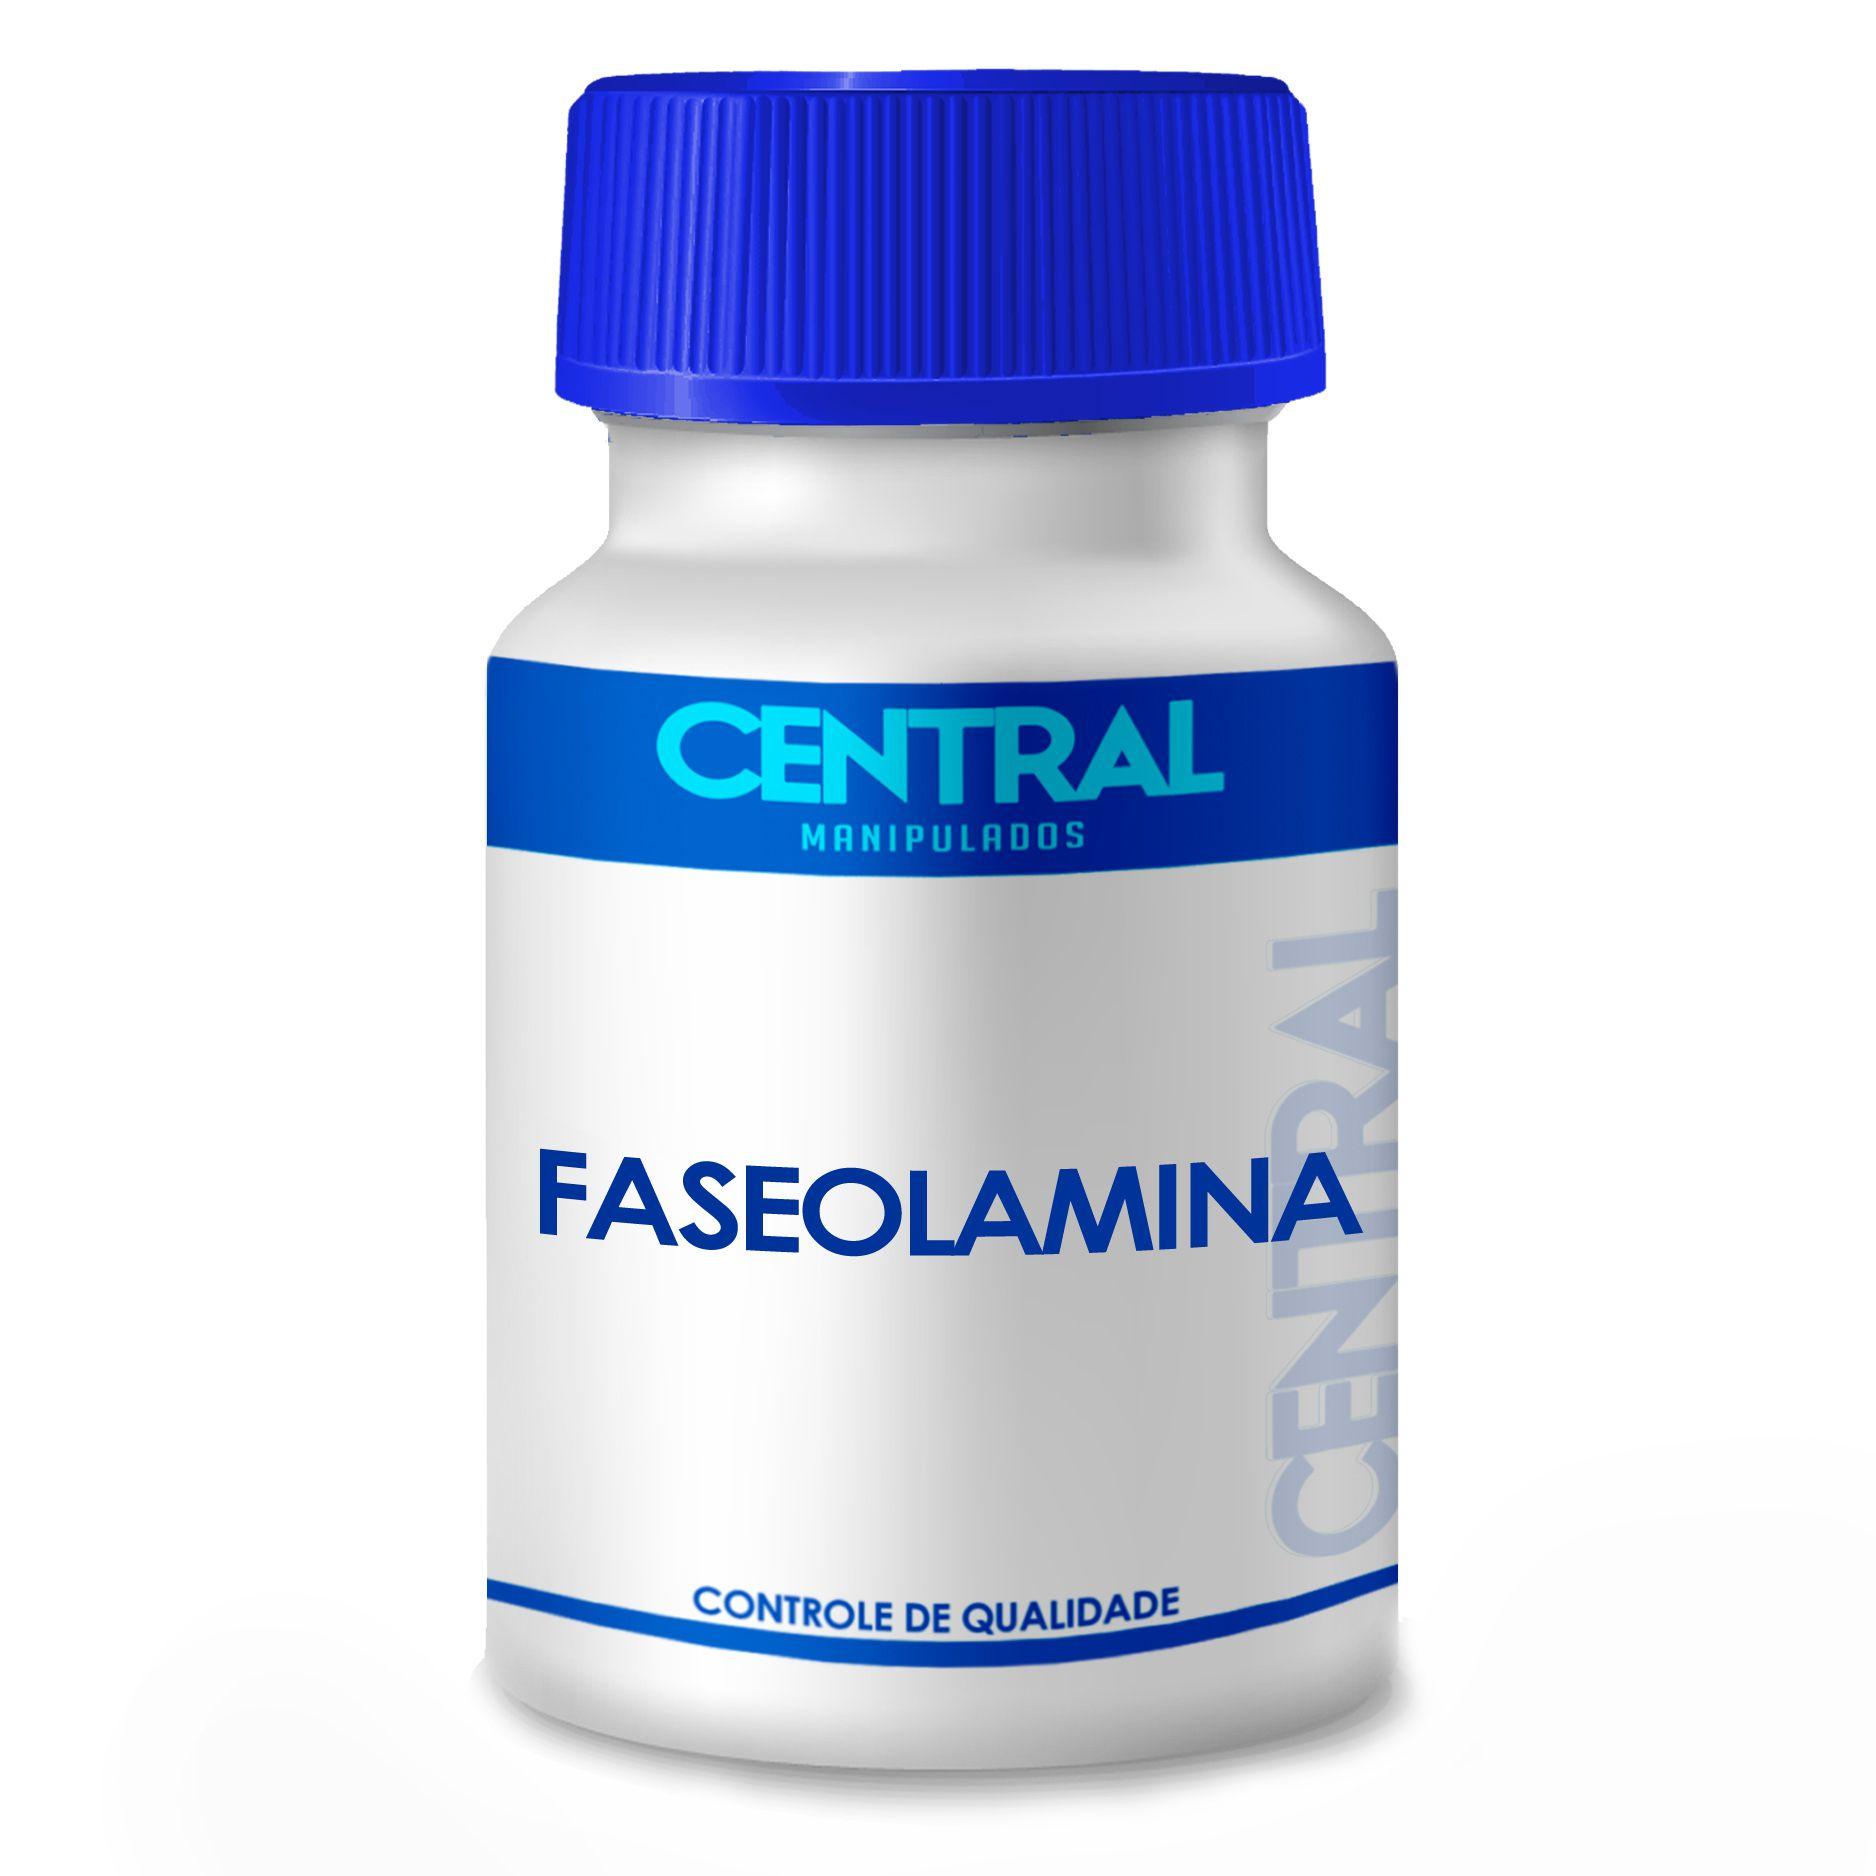 Faseolamina 500mg com 240 cápsulas - Reduz a absorção de carboidratos